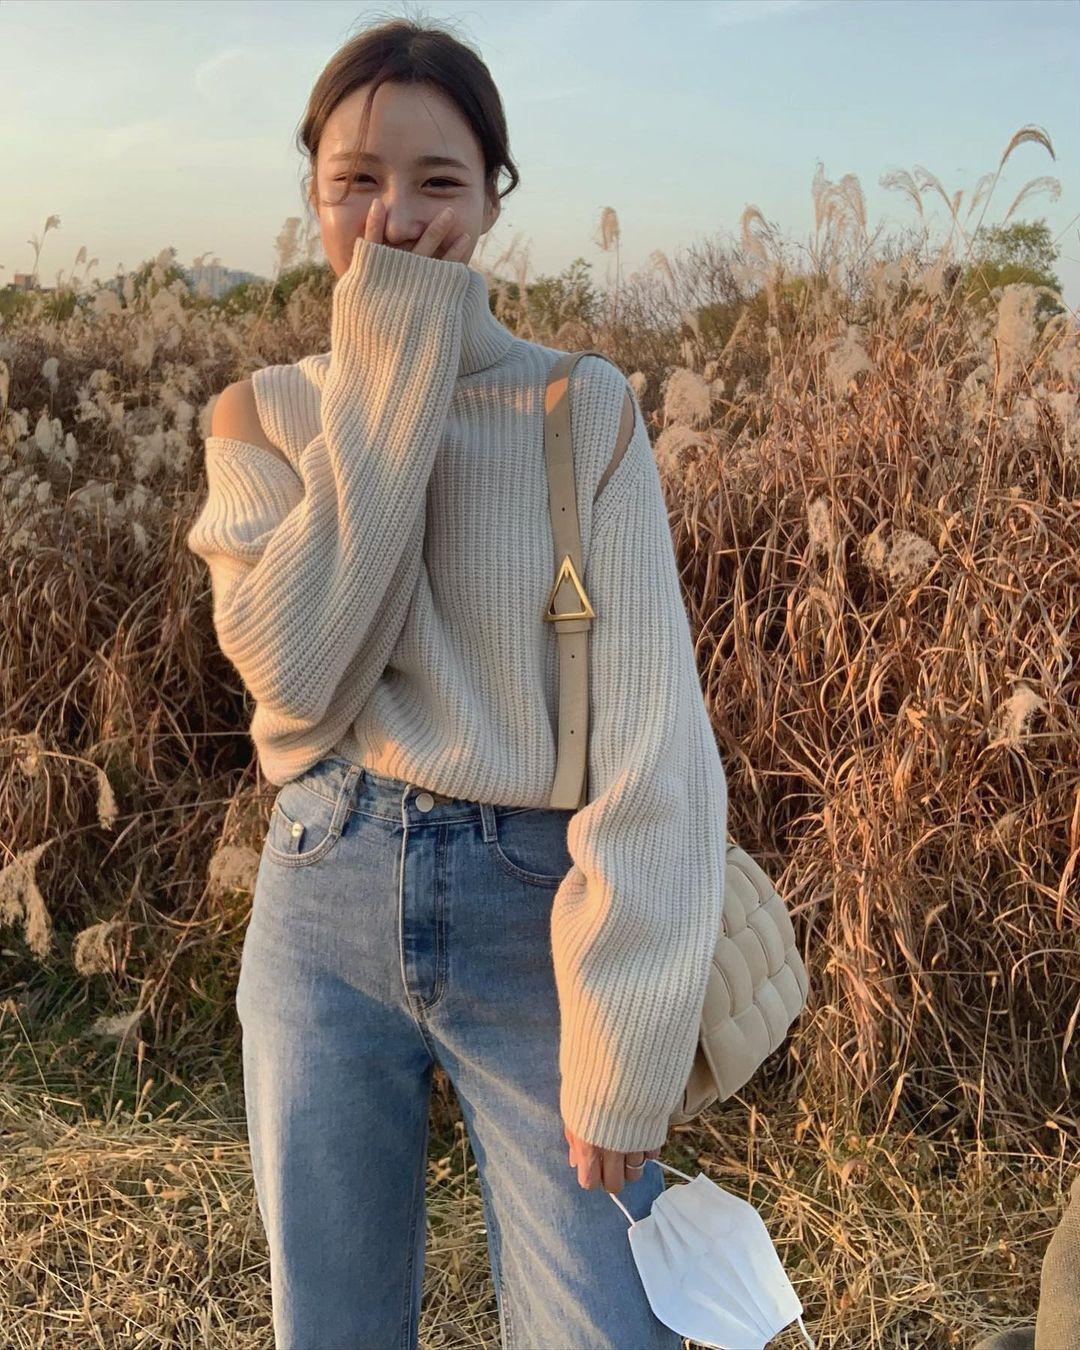 Đáng sắm nhất lúc này là áo len trắng vì có 10 cách diện trang nhã đẹp mê, nàng nào cũng áp dụng được - Ảnh 7.